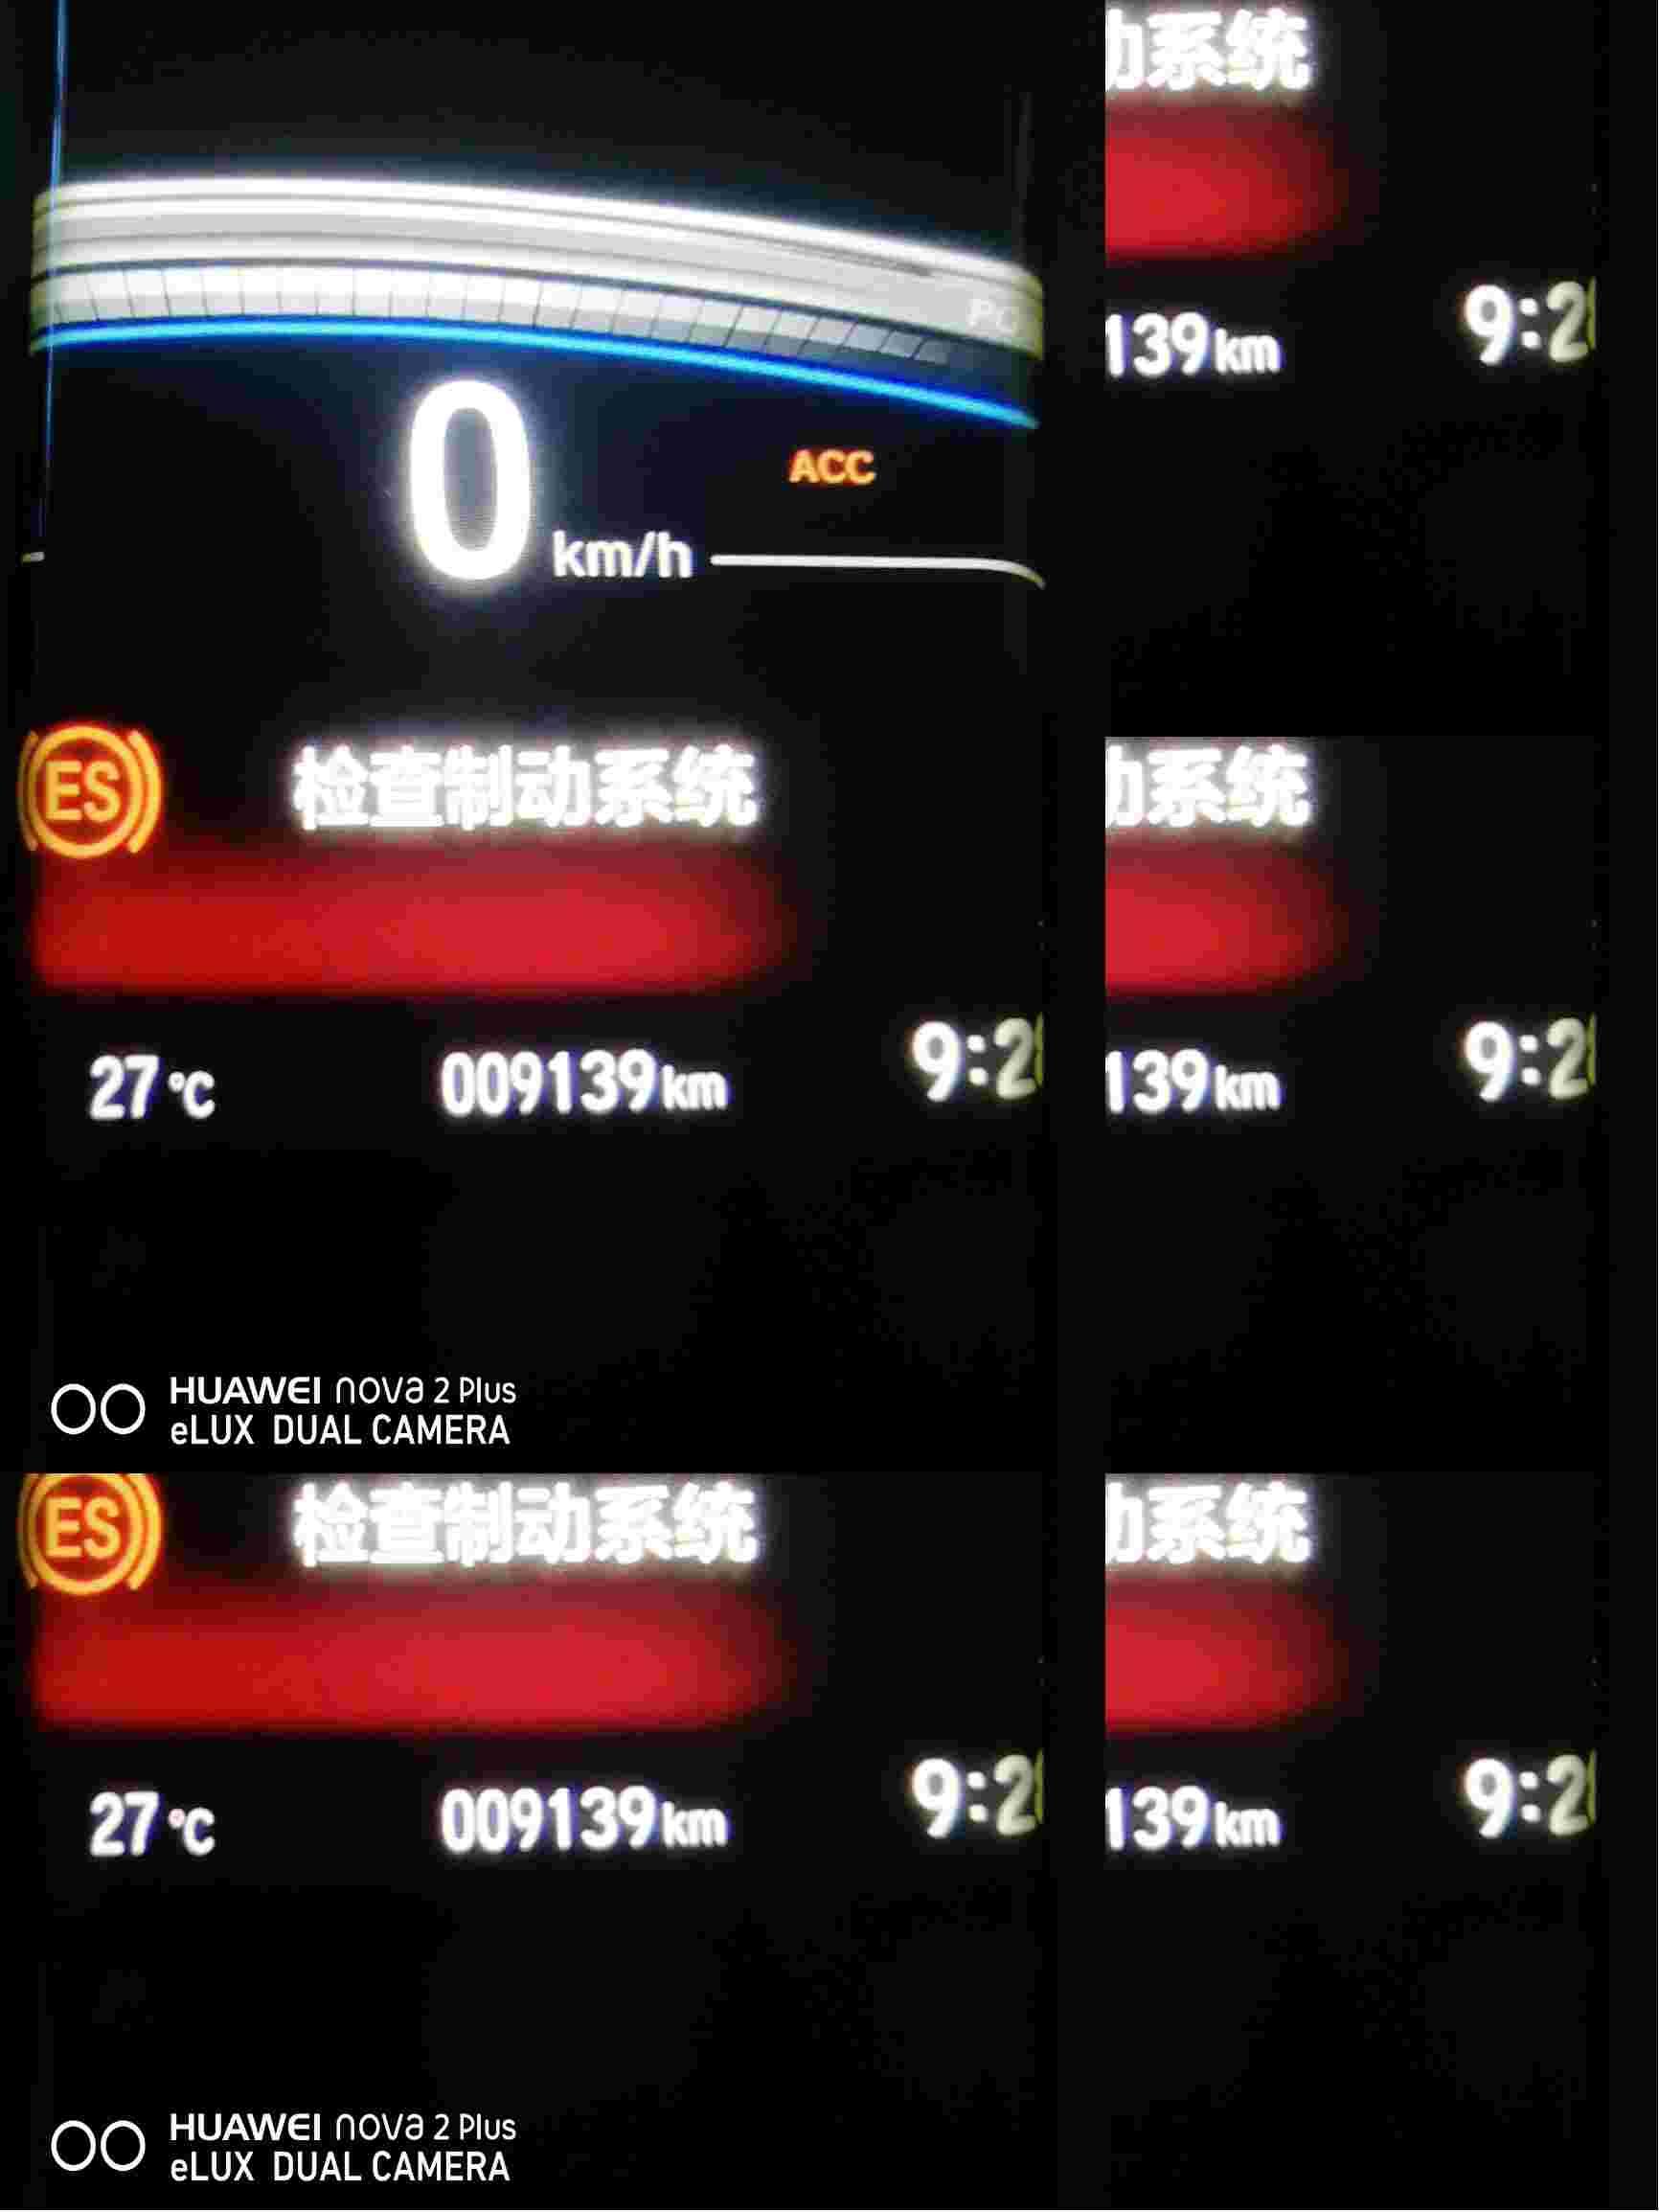 车子电子元件出现故障,导致自动系统出故障